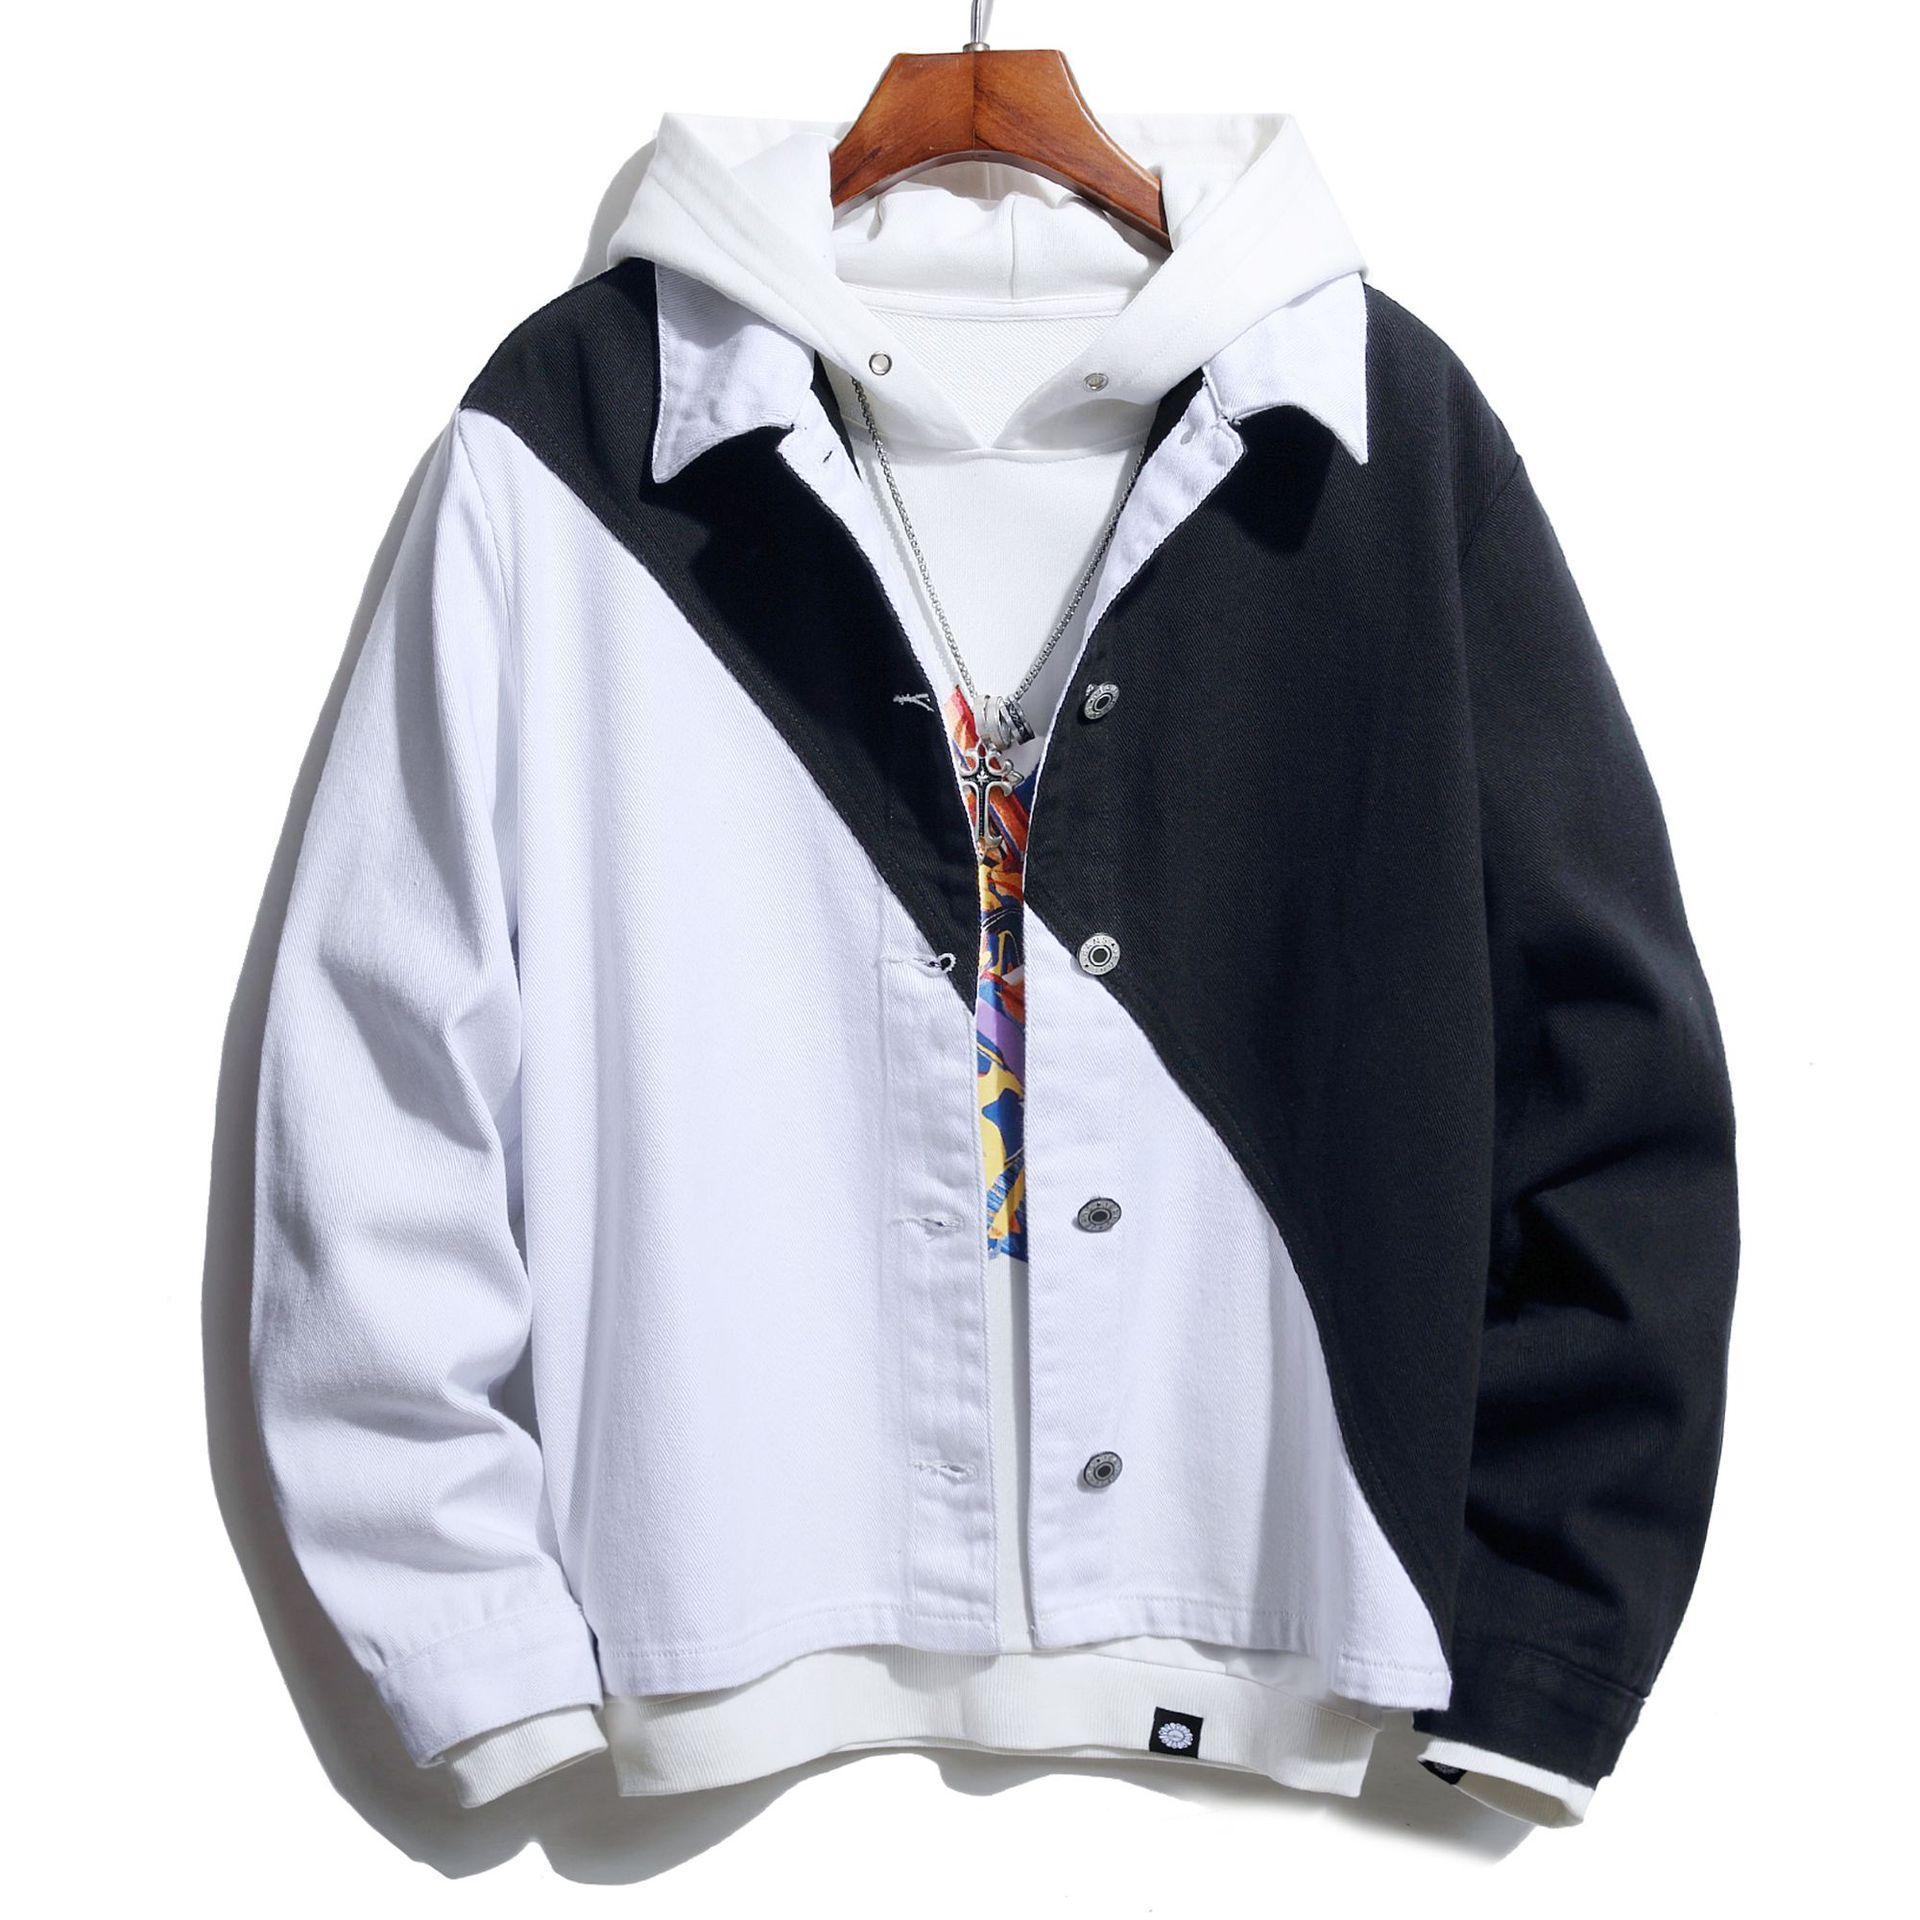 Nedensel Erkekler Ceketler Moda Spor Giyim Denim Vintage Mont Hip Hop Erkek Streetwear Erkek Bombacı Ceketler Boyutu S-3XL 0815 #